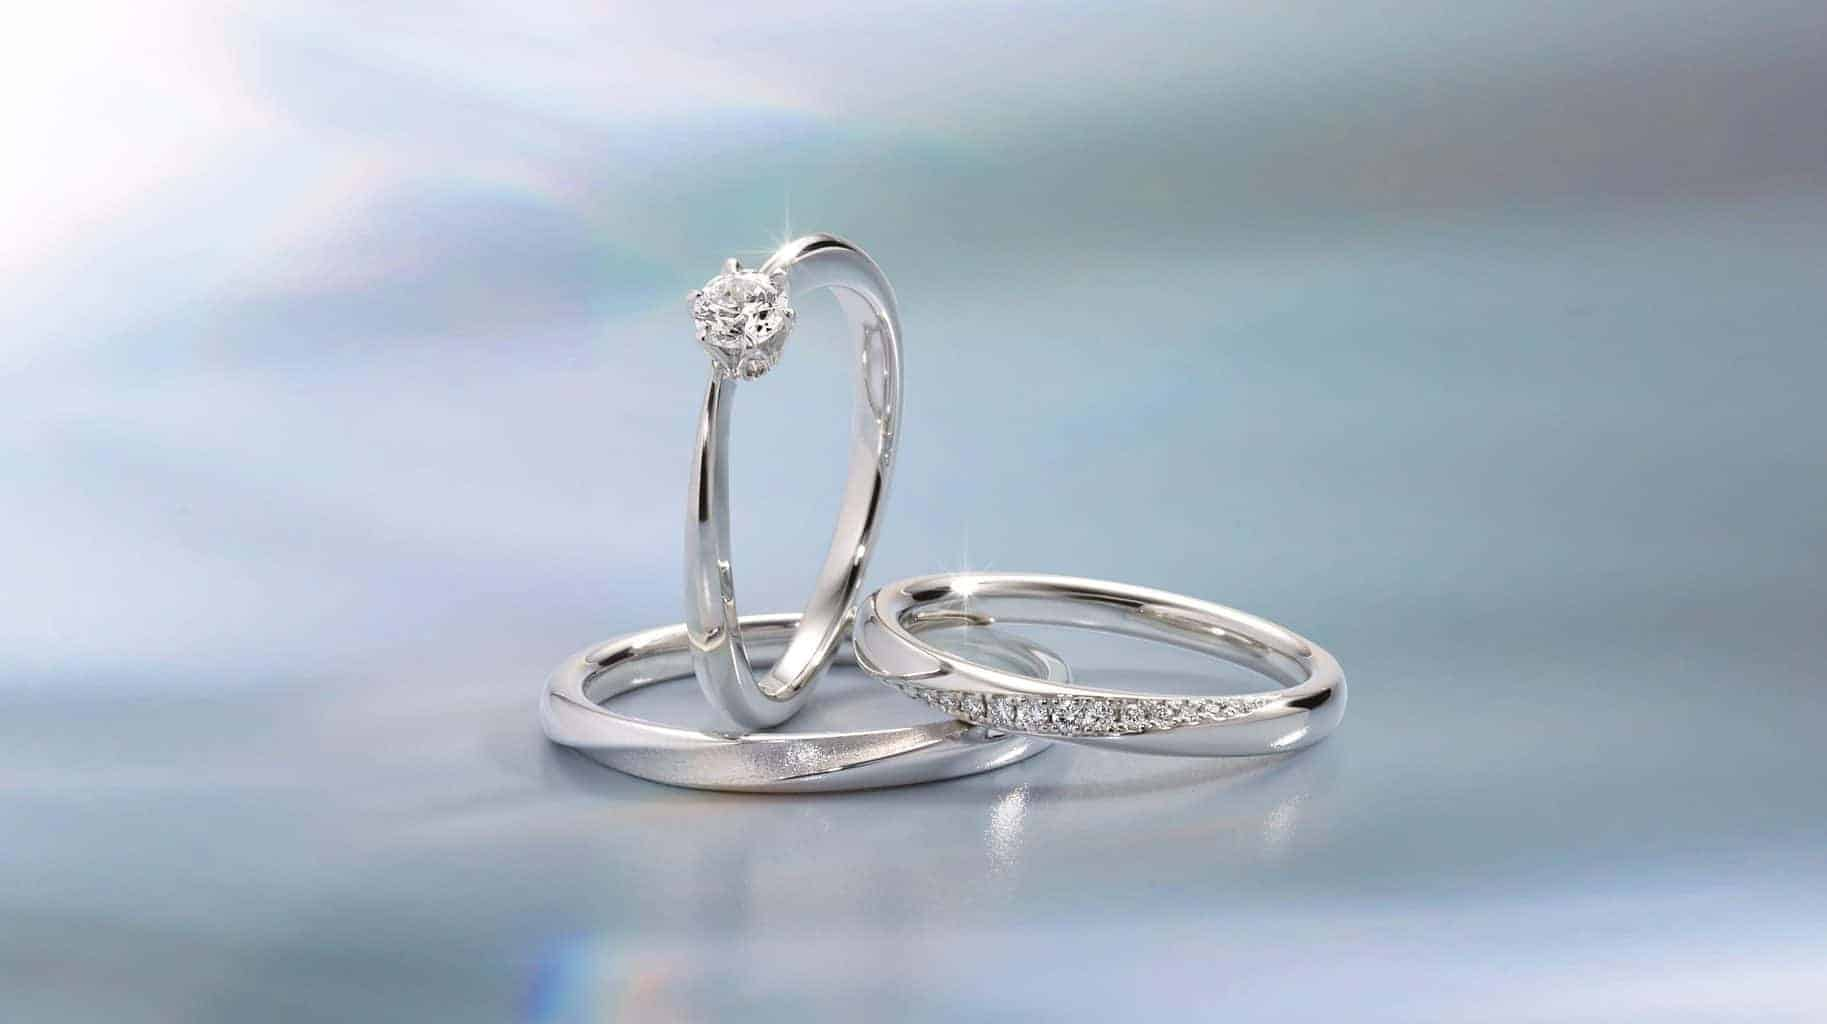 口コミ高評価!TRECENTI(トレセンテ)の結婚指輪・婚約指輪の人気リング・価格まとめのカバー写真 0.5604816639299398